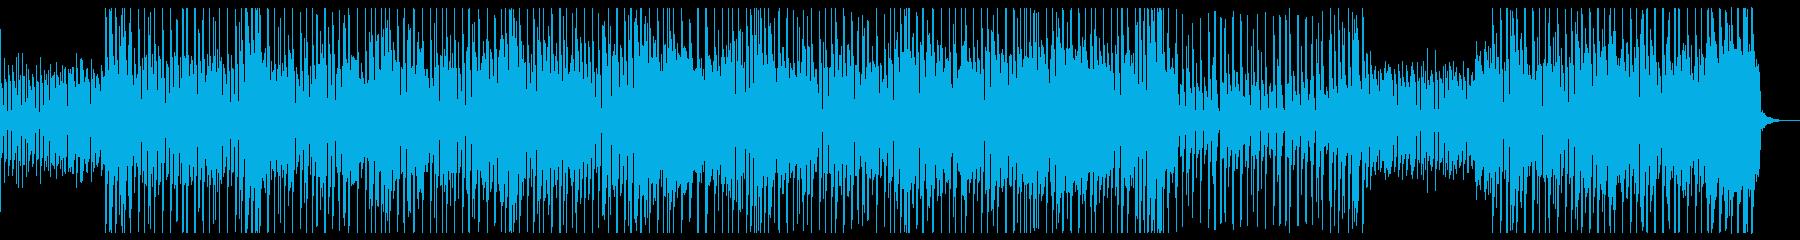 ロック♪かっこいい動画映像CM♪ギターの再生済みの波形